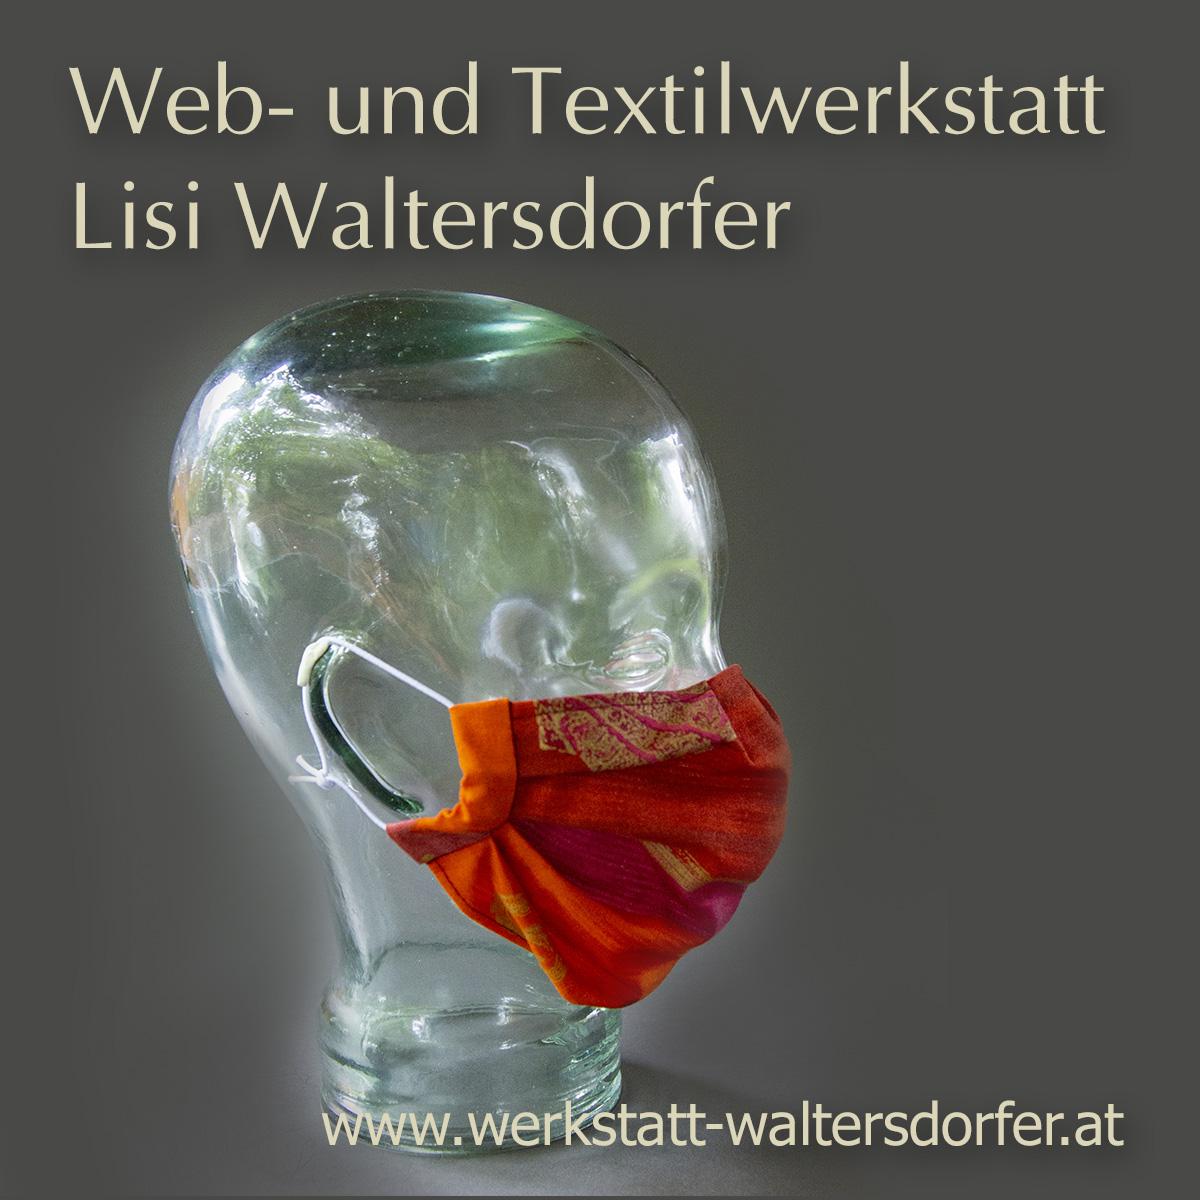 Waltersdorfer-MN-Masken-06